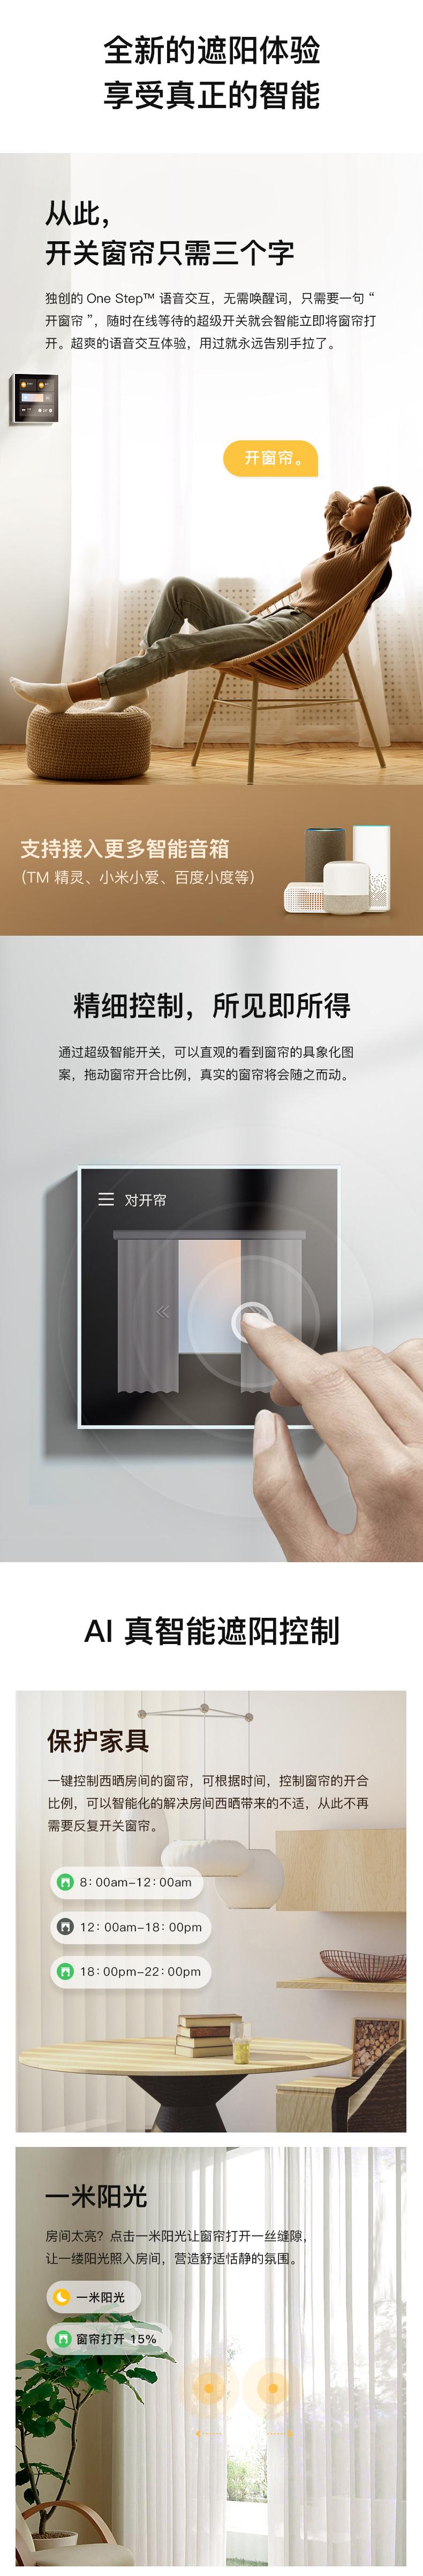 欧瑞博超级智能窗帘(智控版)免费试用,评测